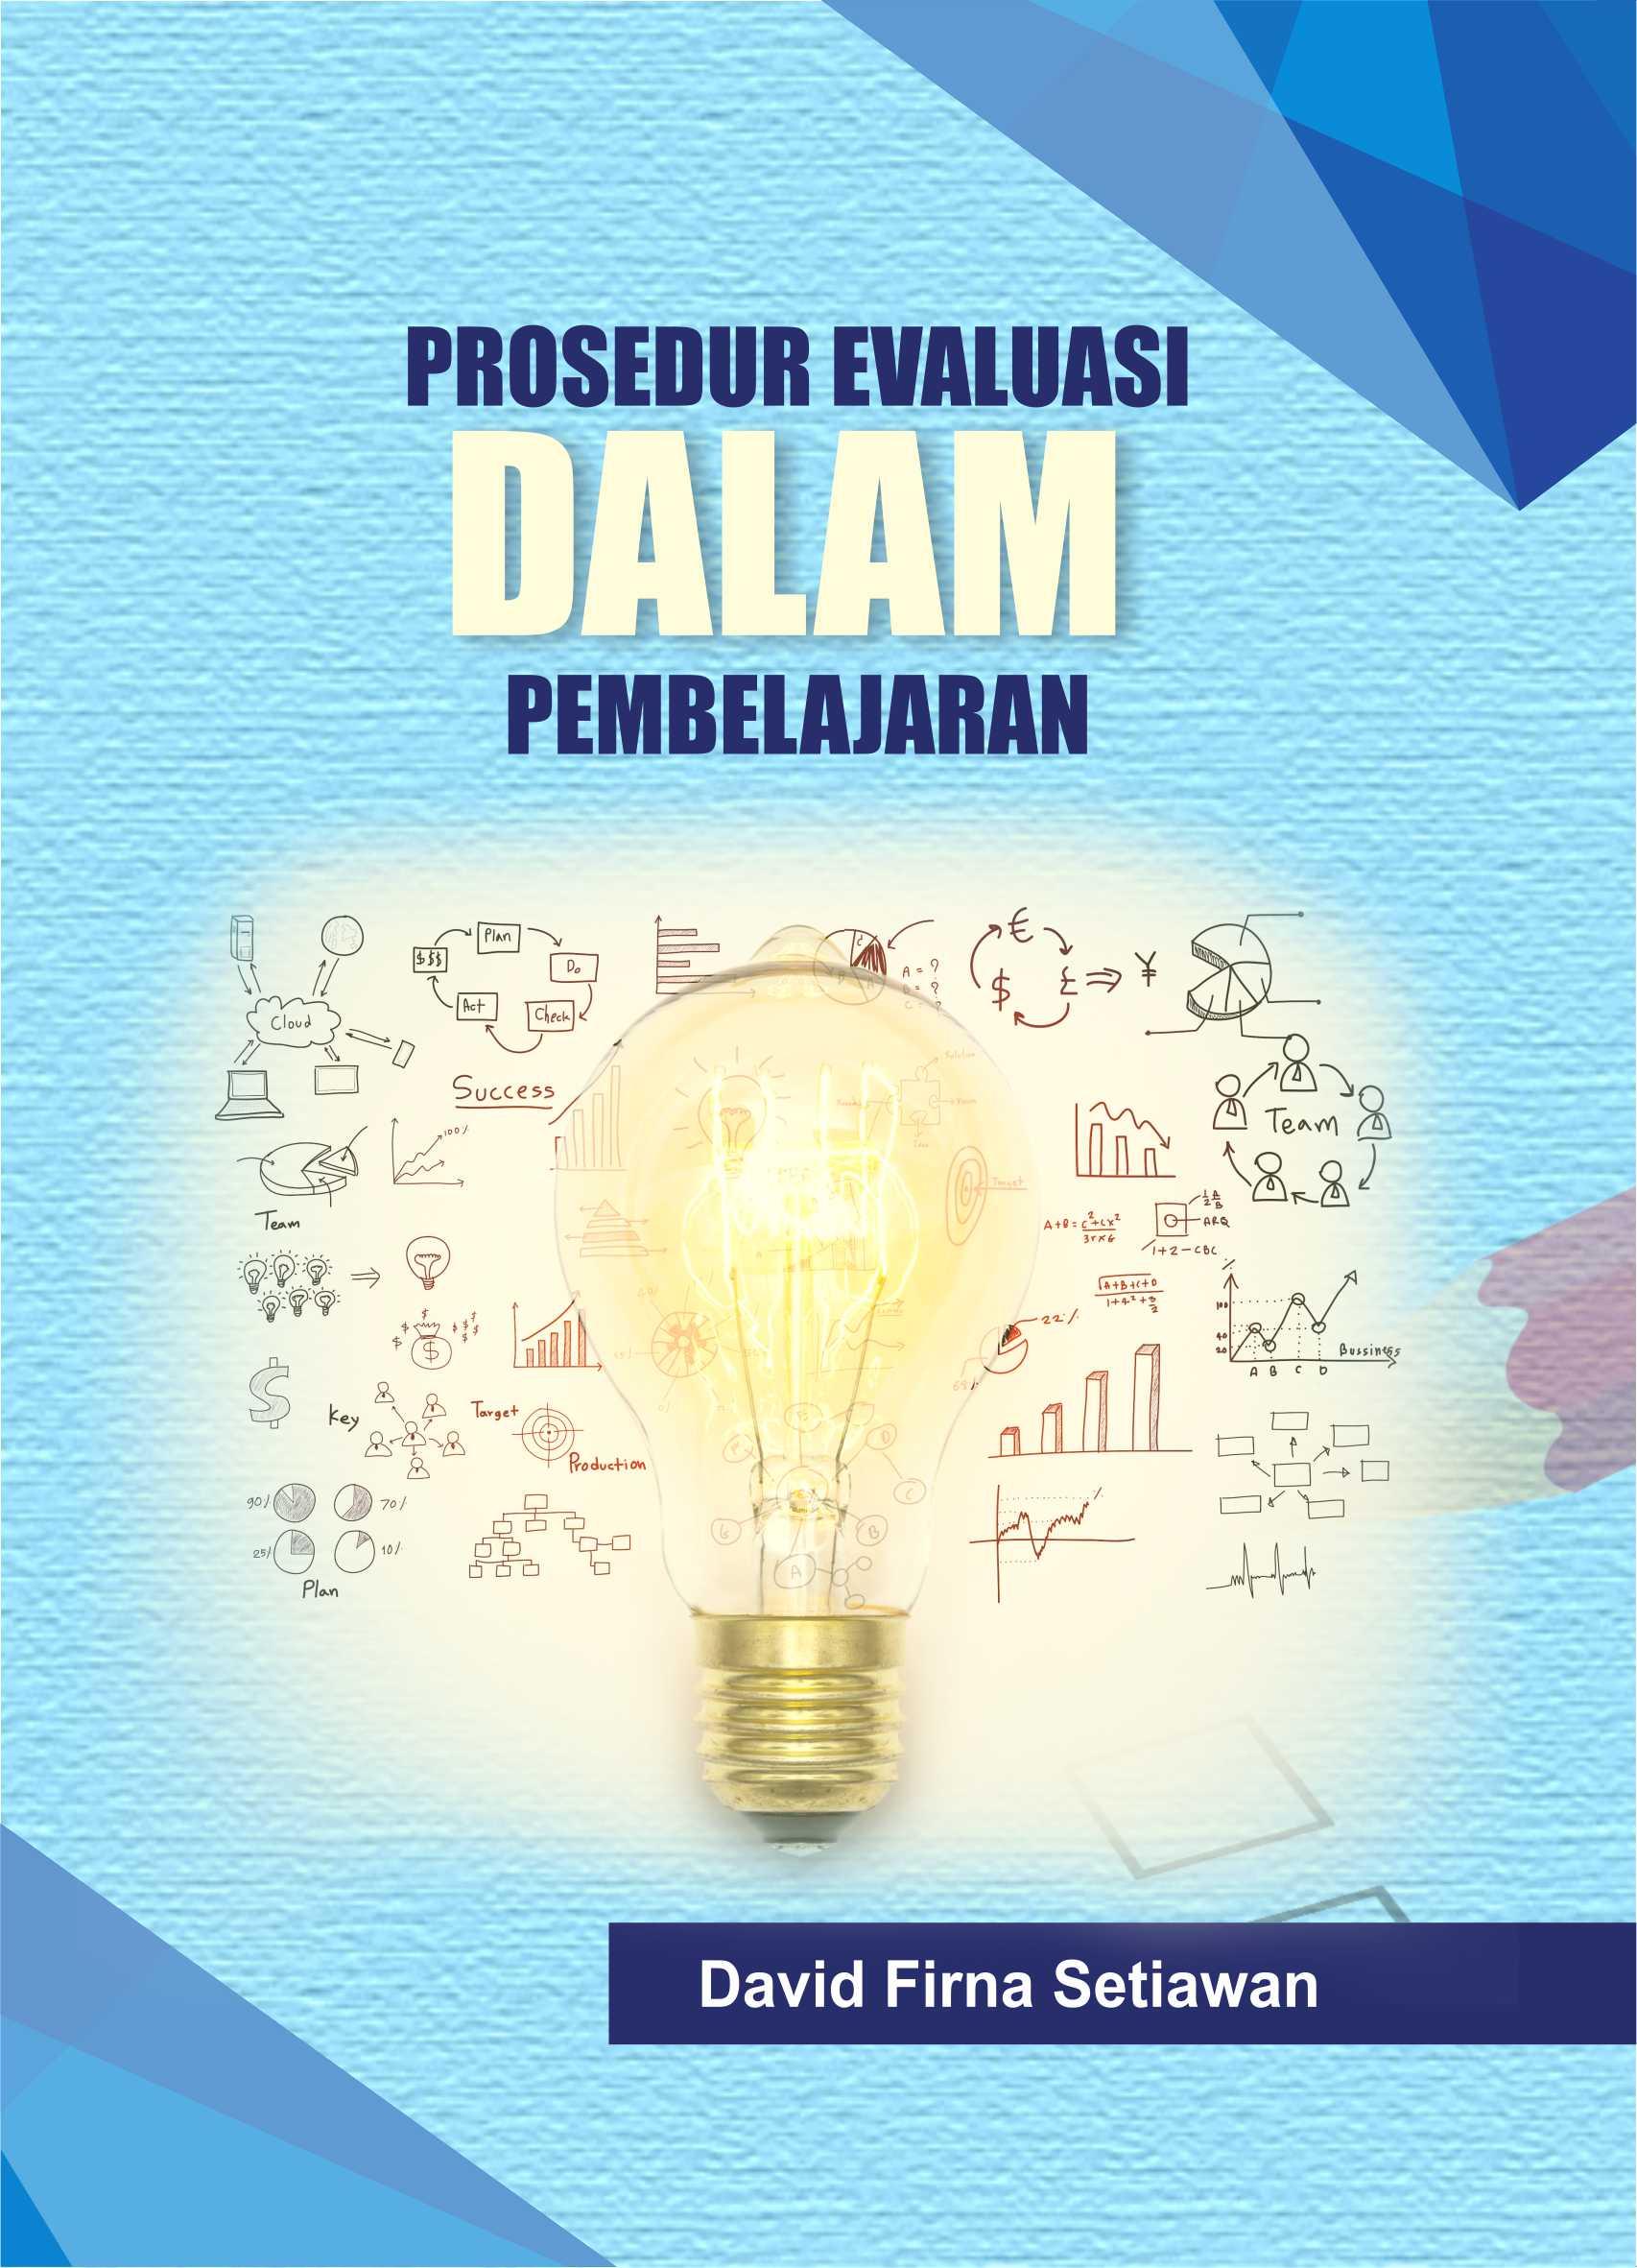 Prosedur evaluasi dalam pembelajaran [sumber elektronis]